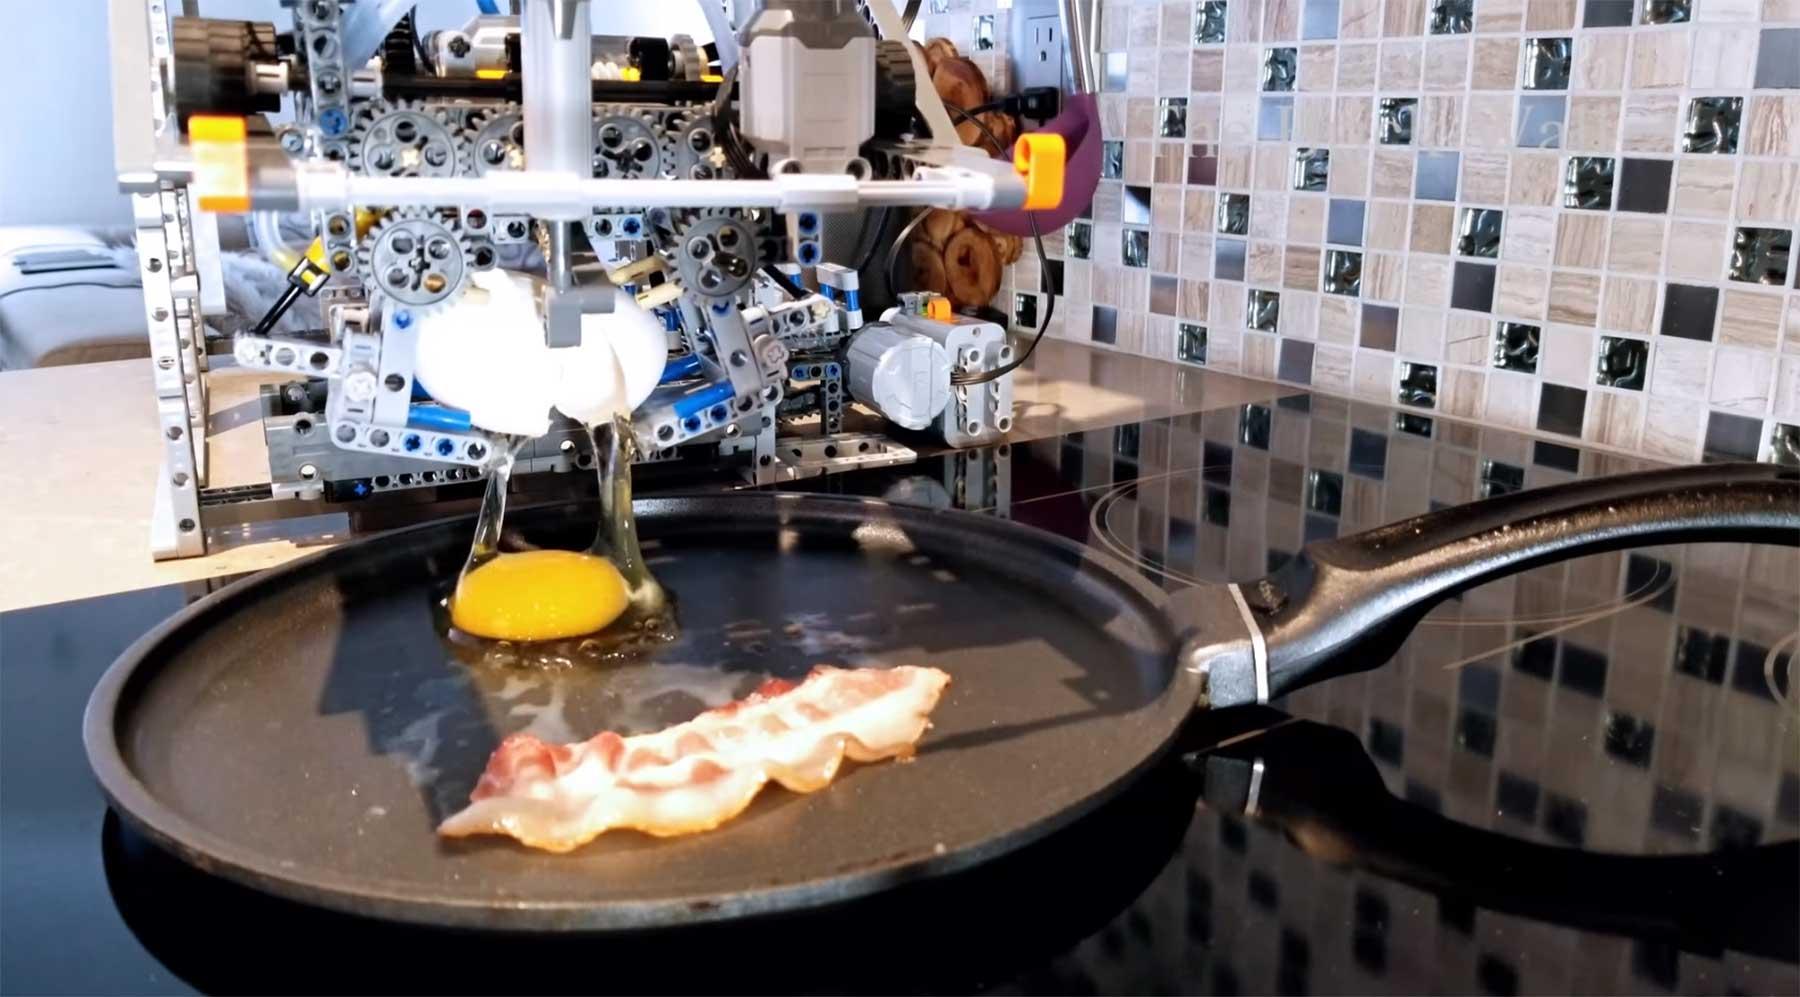 Diese LEGO-Maschine macht dir Frühstück lego-fruehstuecksroboter